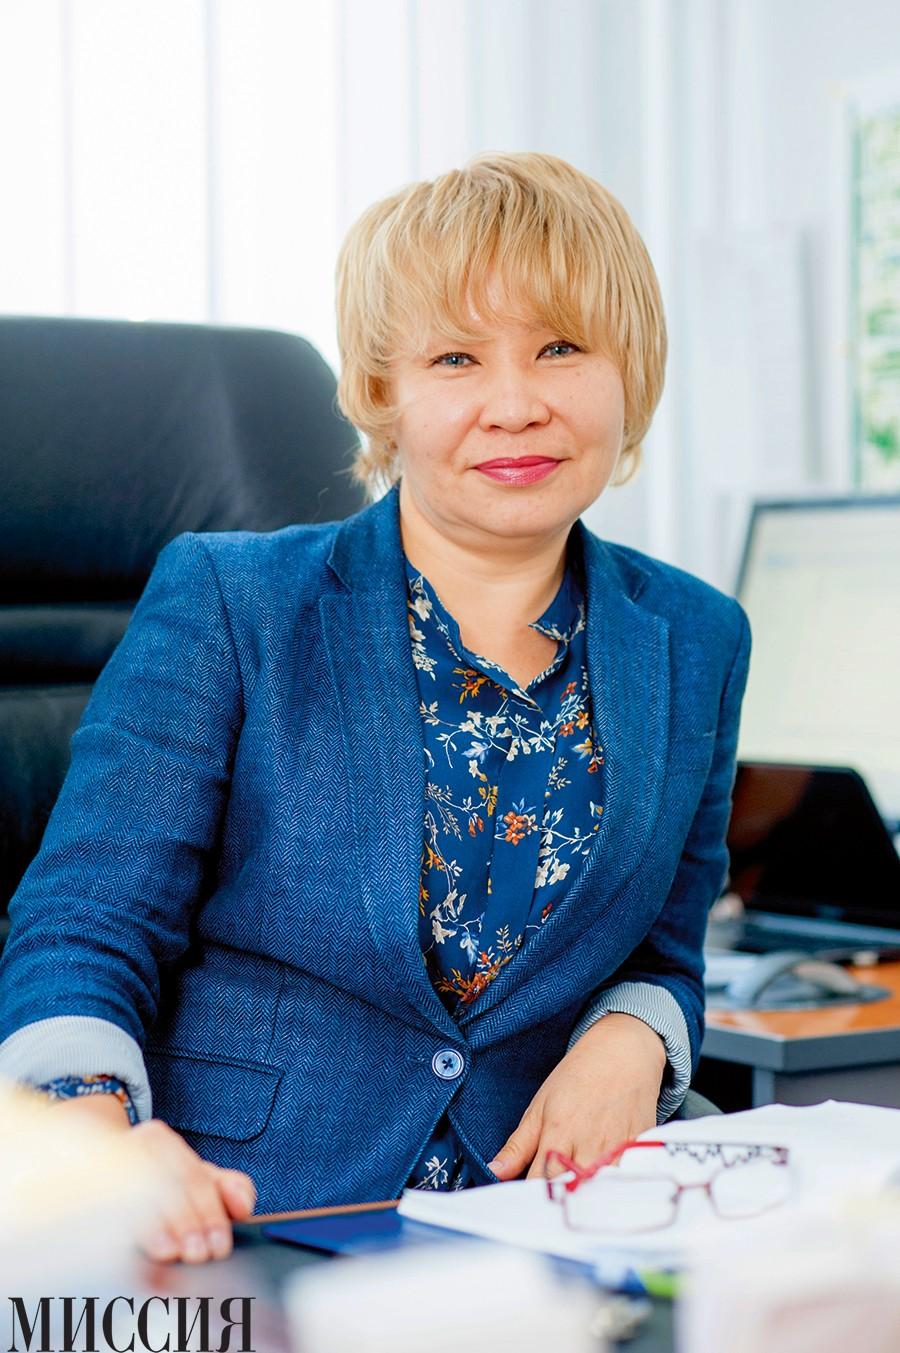 Светлана Фаттахова: «Фирменный стиль оттачивался в «Тополиной аллее»